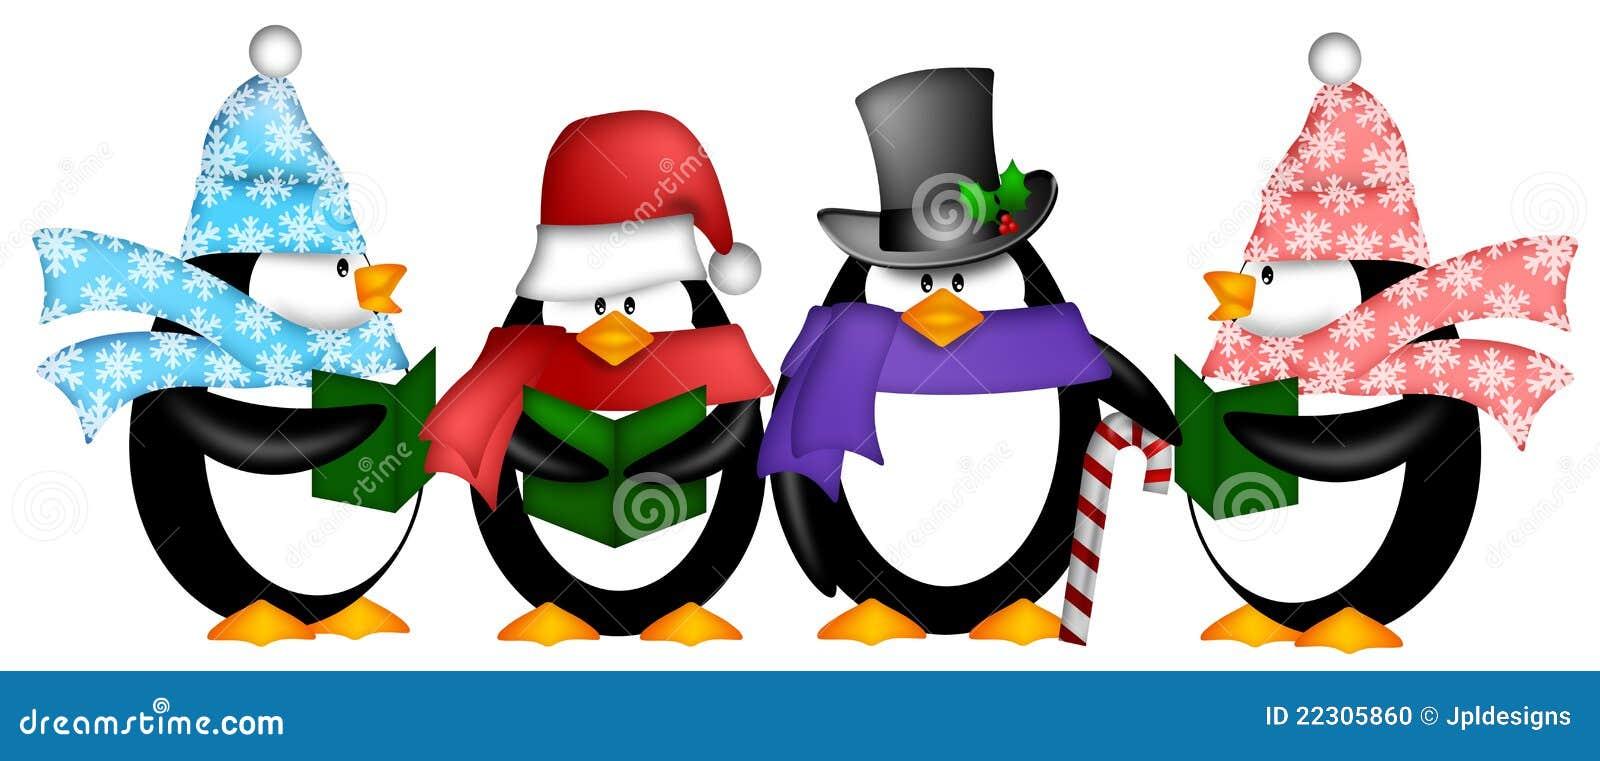 Pinguine, Die Weihnachtscarol-Karikatur Clipart Singen Stock ...